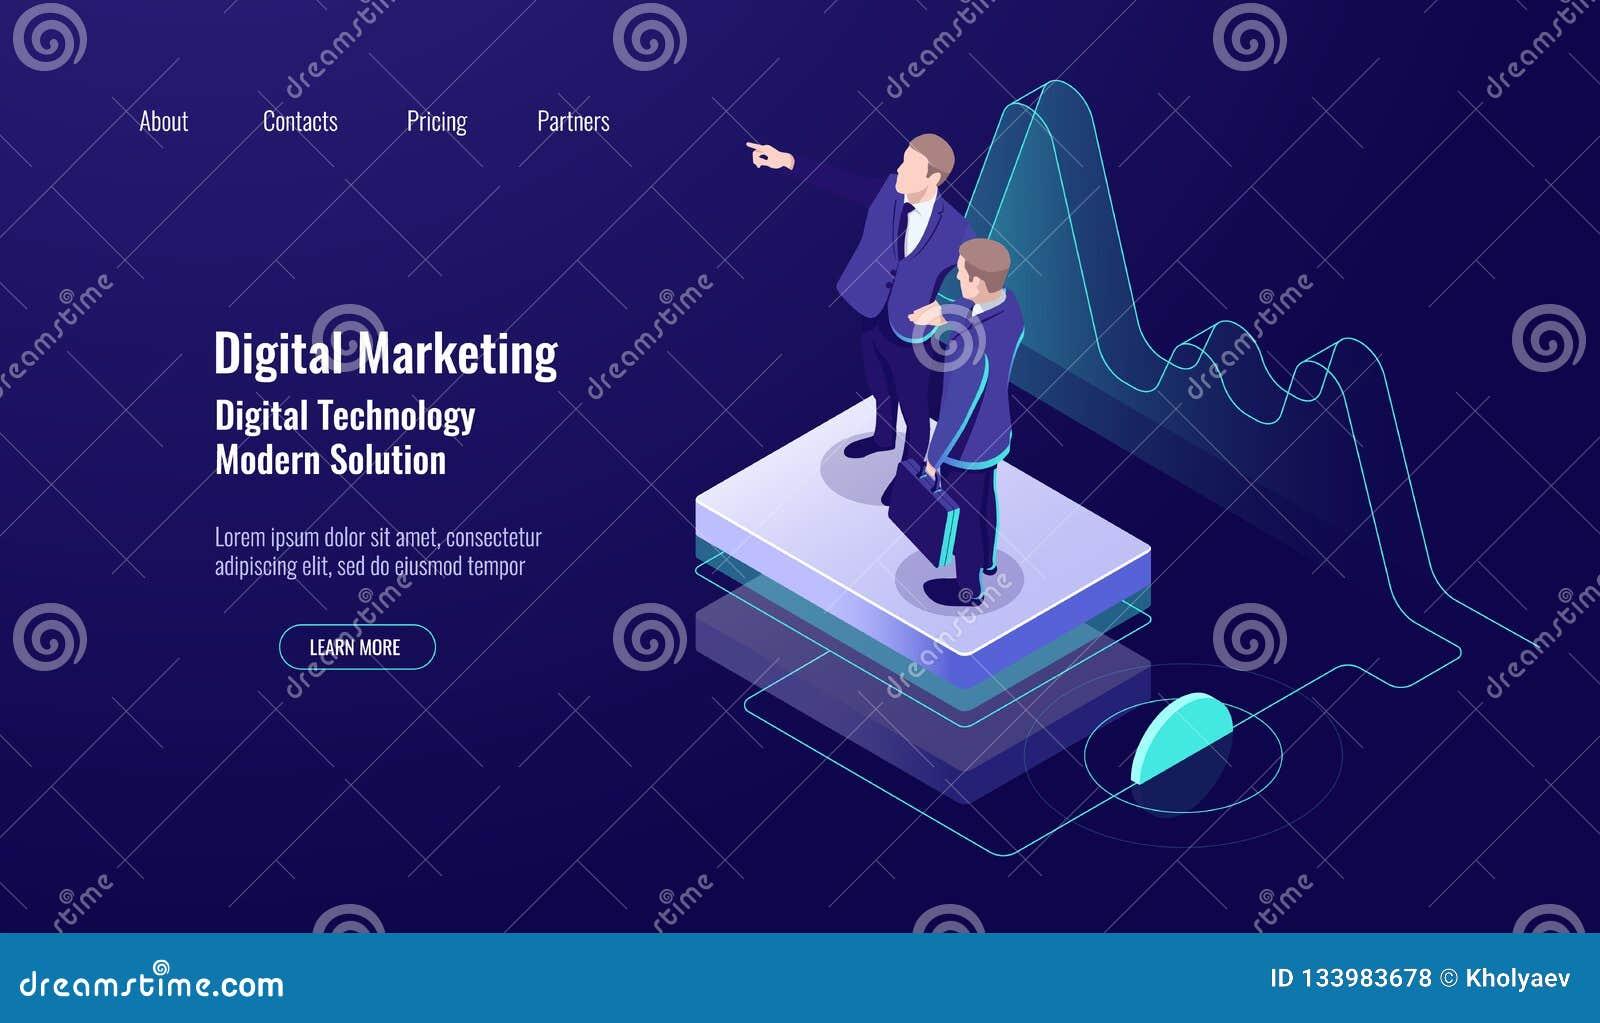 Digitales Marketing des Analytics, isometrisches Konzept, Teamwork, Unterricht herauf Fähigkeit, Studienarbeitskraft, dunkles Neo